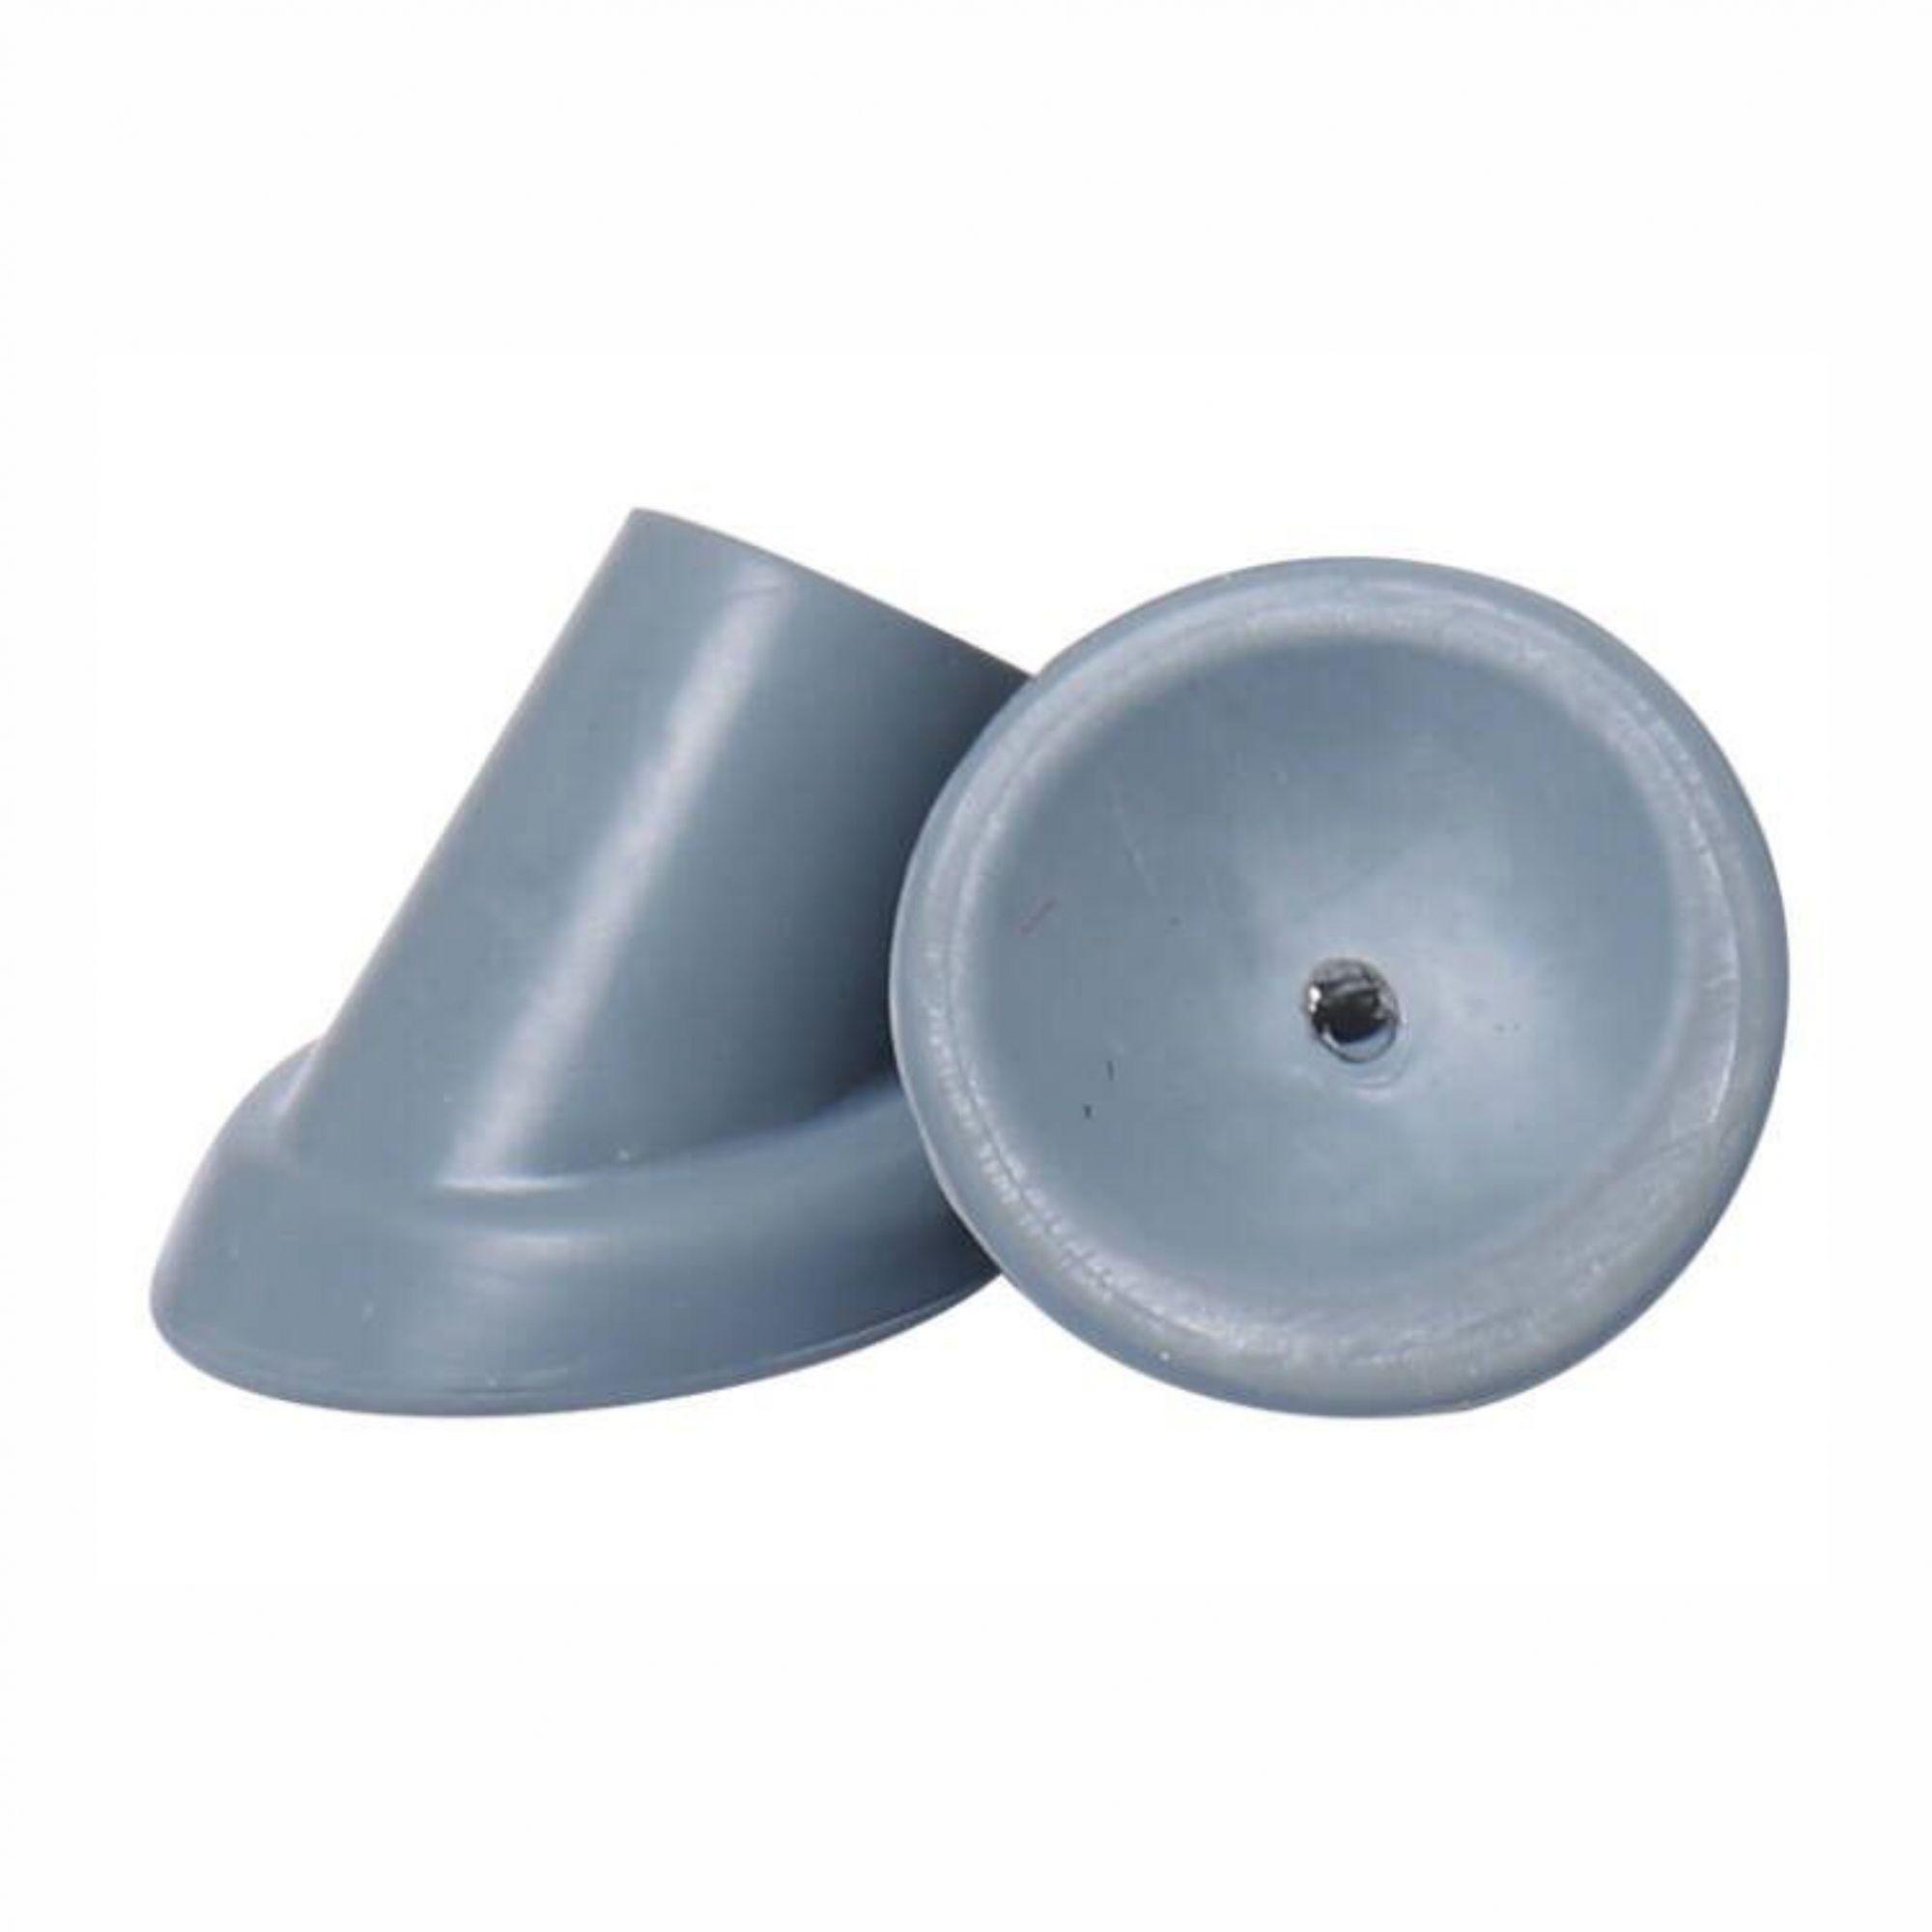 Banco de banho em alumínio dobrável ZIMEDICAL FST5205